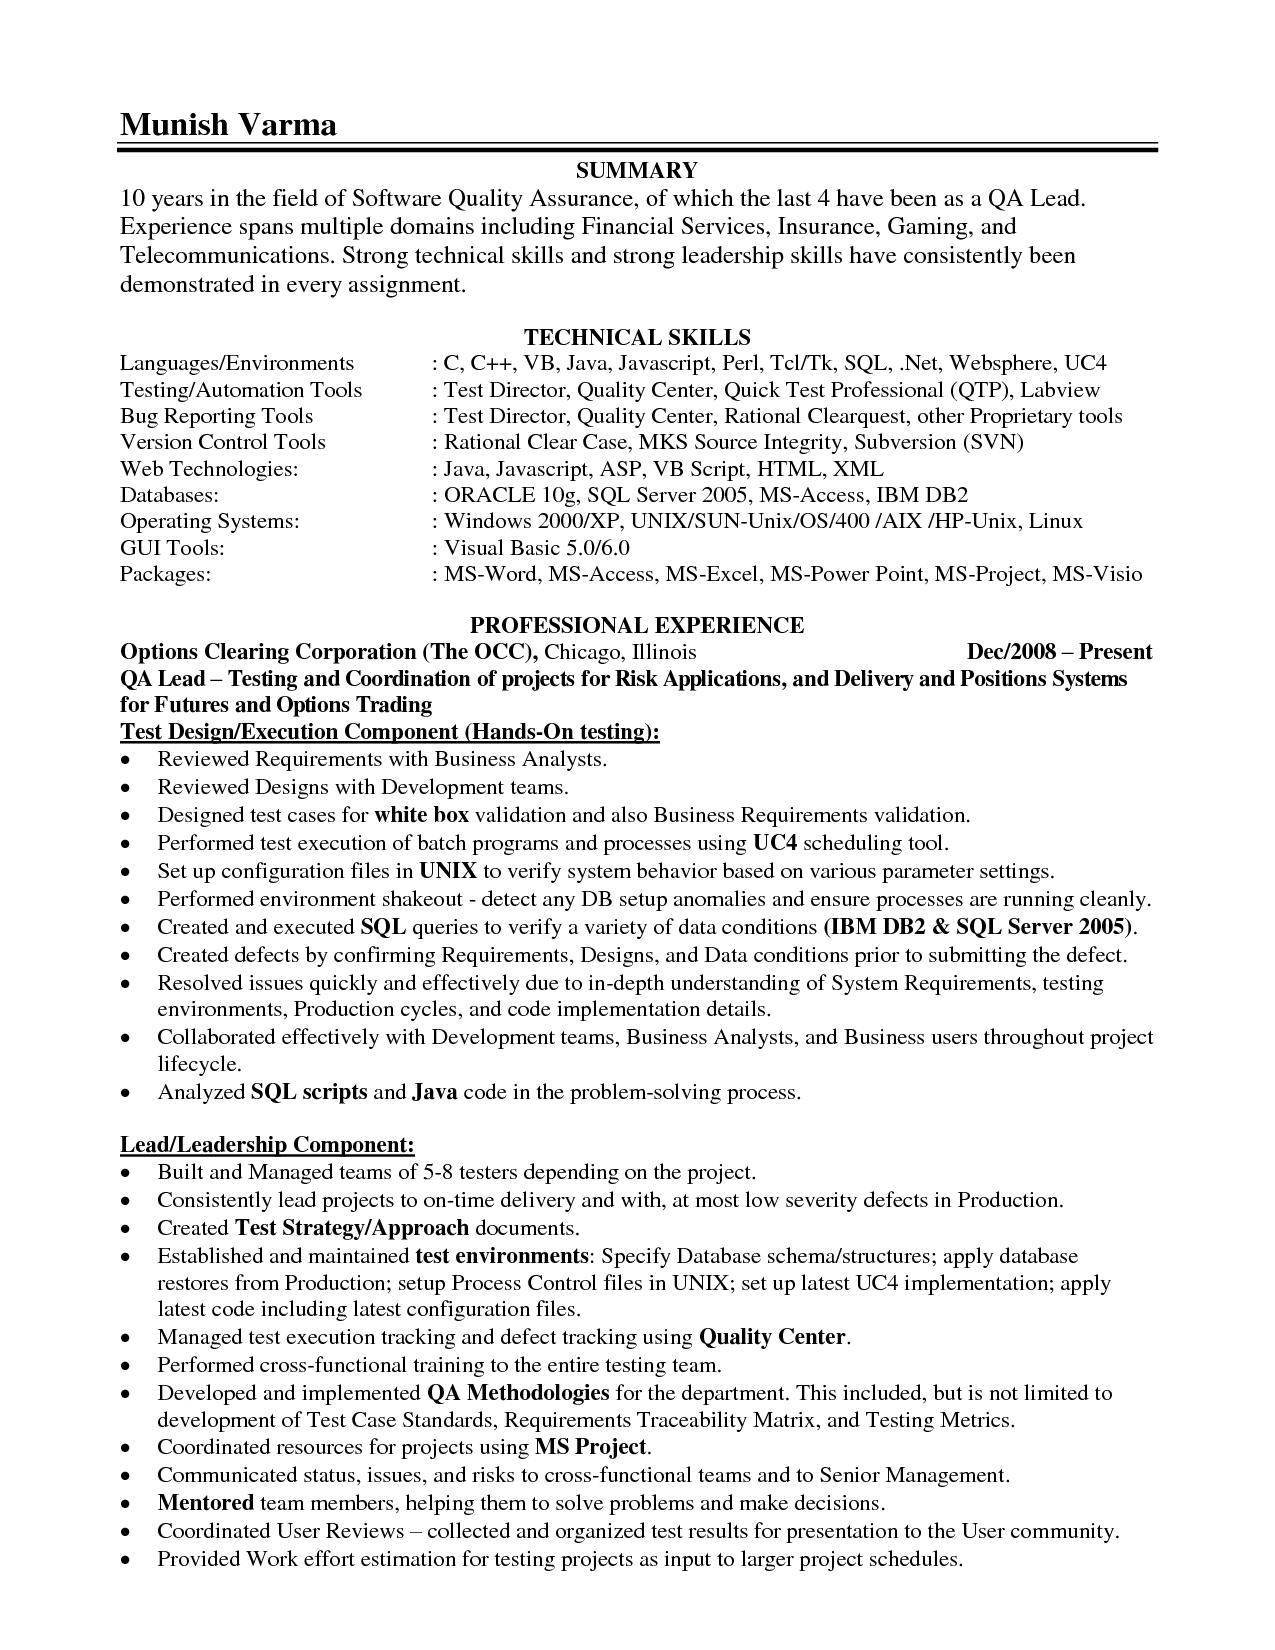 Resume Examples Leadership  Resume skills, Leadership skills